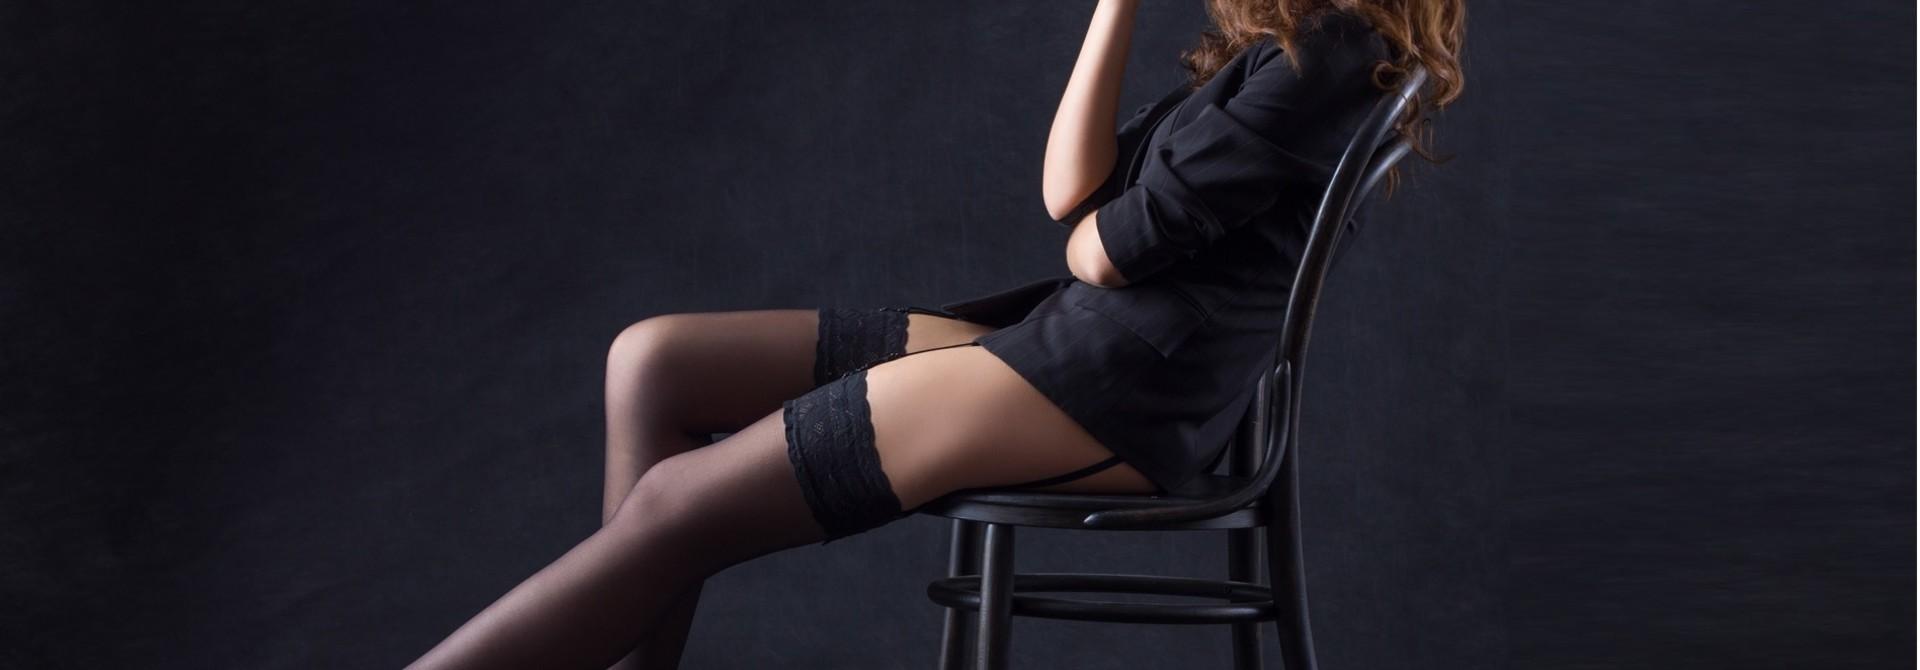 Verleiden in sexy lingerie tijdens Lockdown